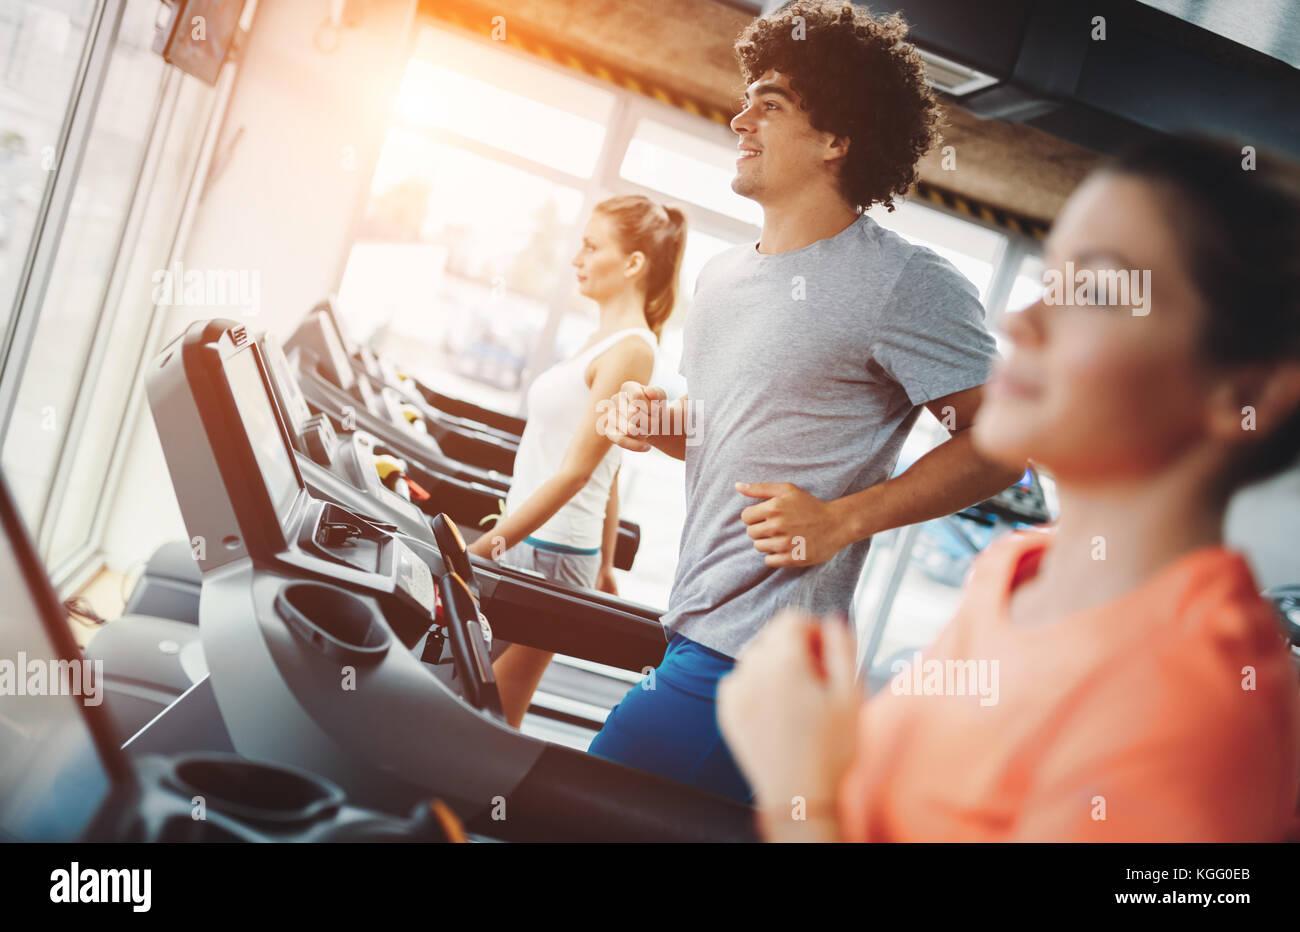 Joven apuesto hombre haciendo cardio training en el gimnasio Imagen De Stock